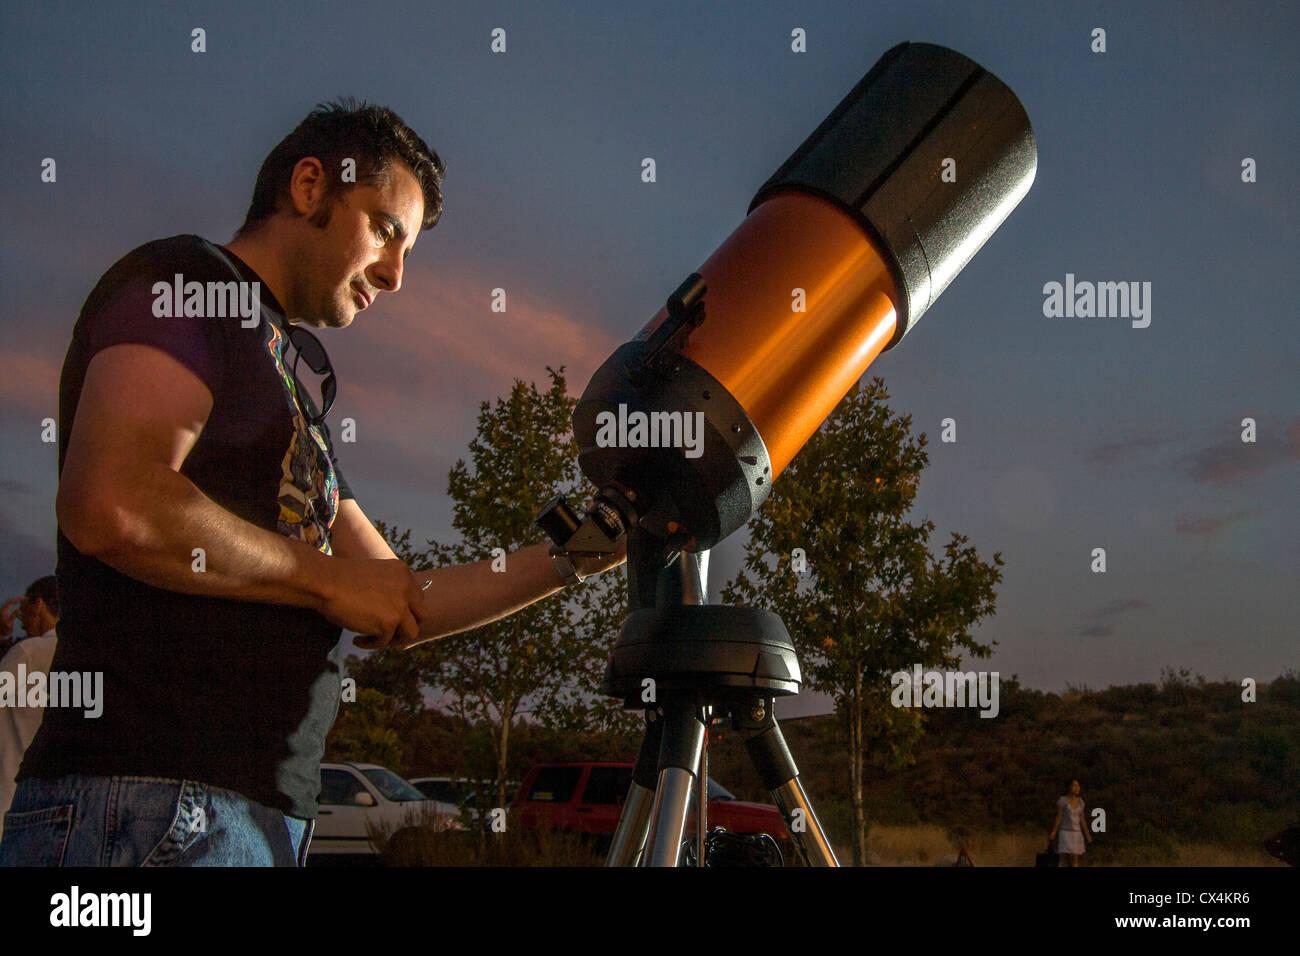 telescopio astron/ómico tipo refracci/ón telescopio port/átil-60090 Telescopio de alta definici/ón telescopio espacial monocular al aire libre